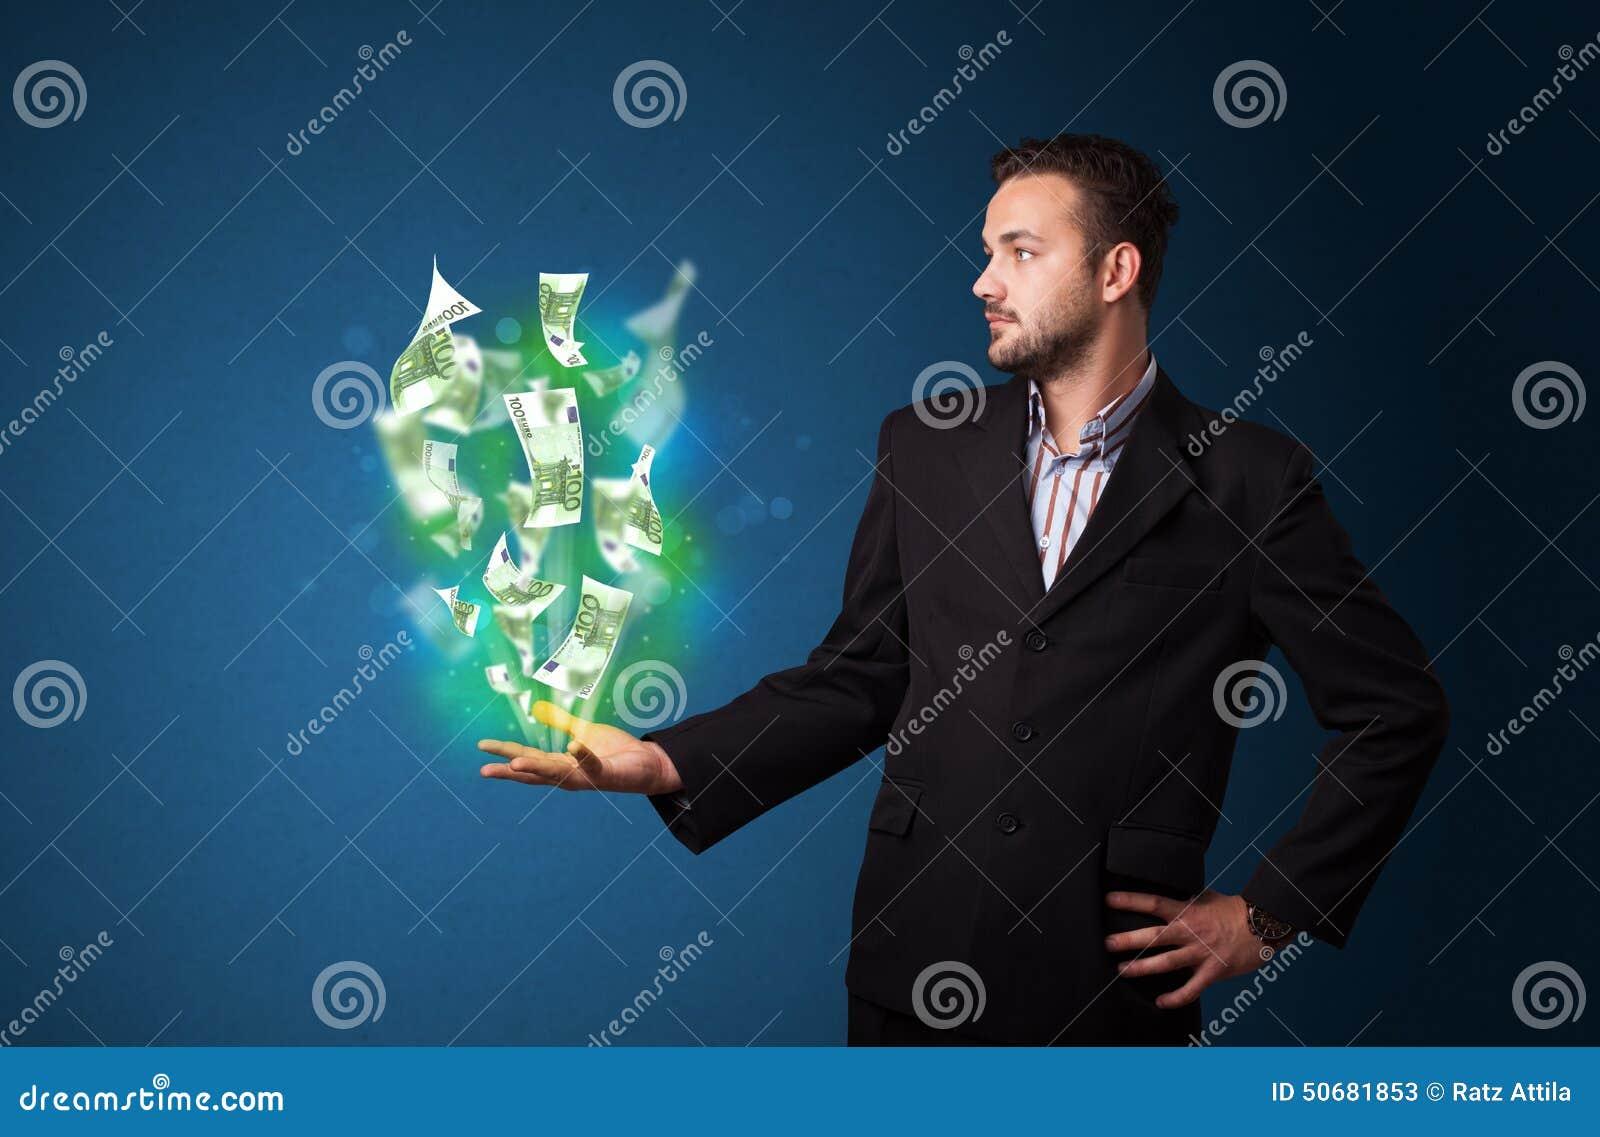 Download 发光的金钱在商人的手上 库存图片. 图片 包括有 正式, 横幅提供资金的, 广告牌, 背包, 货币, 纸张 - 50681853